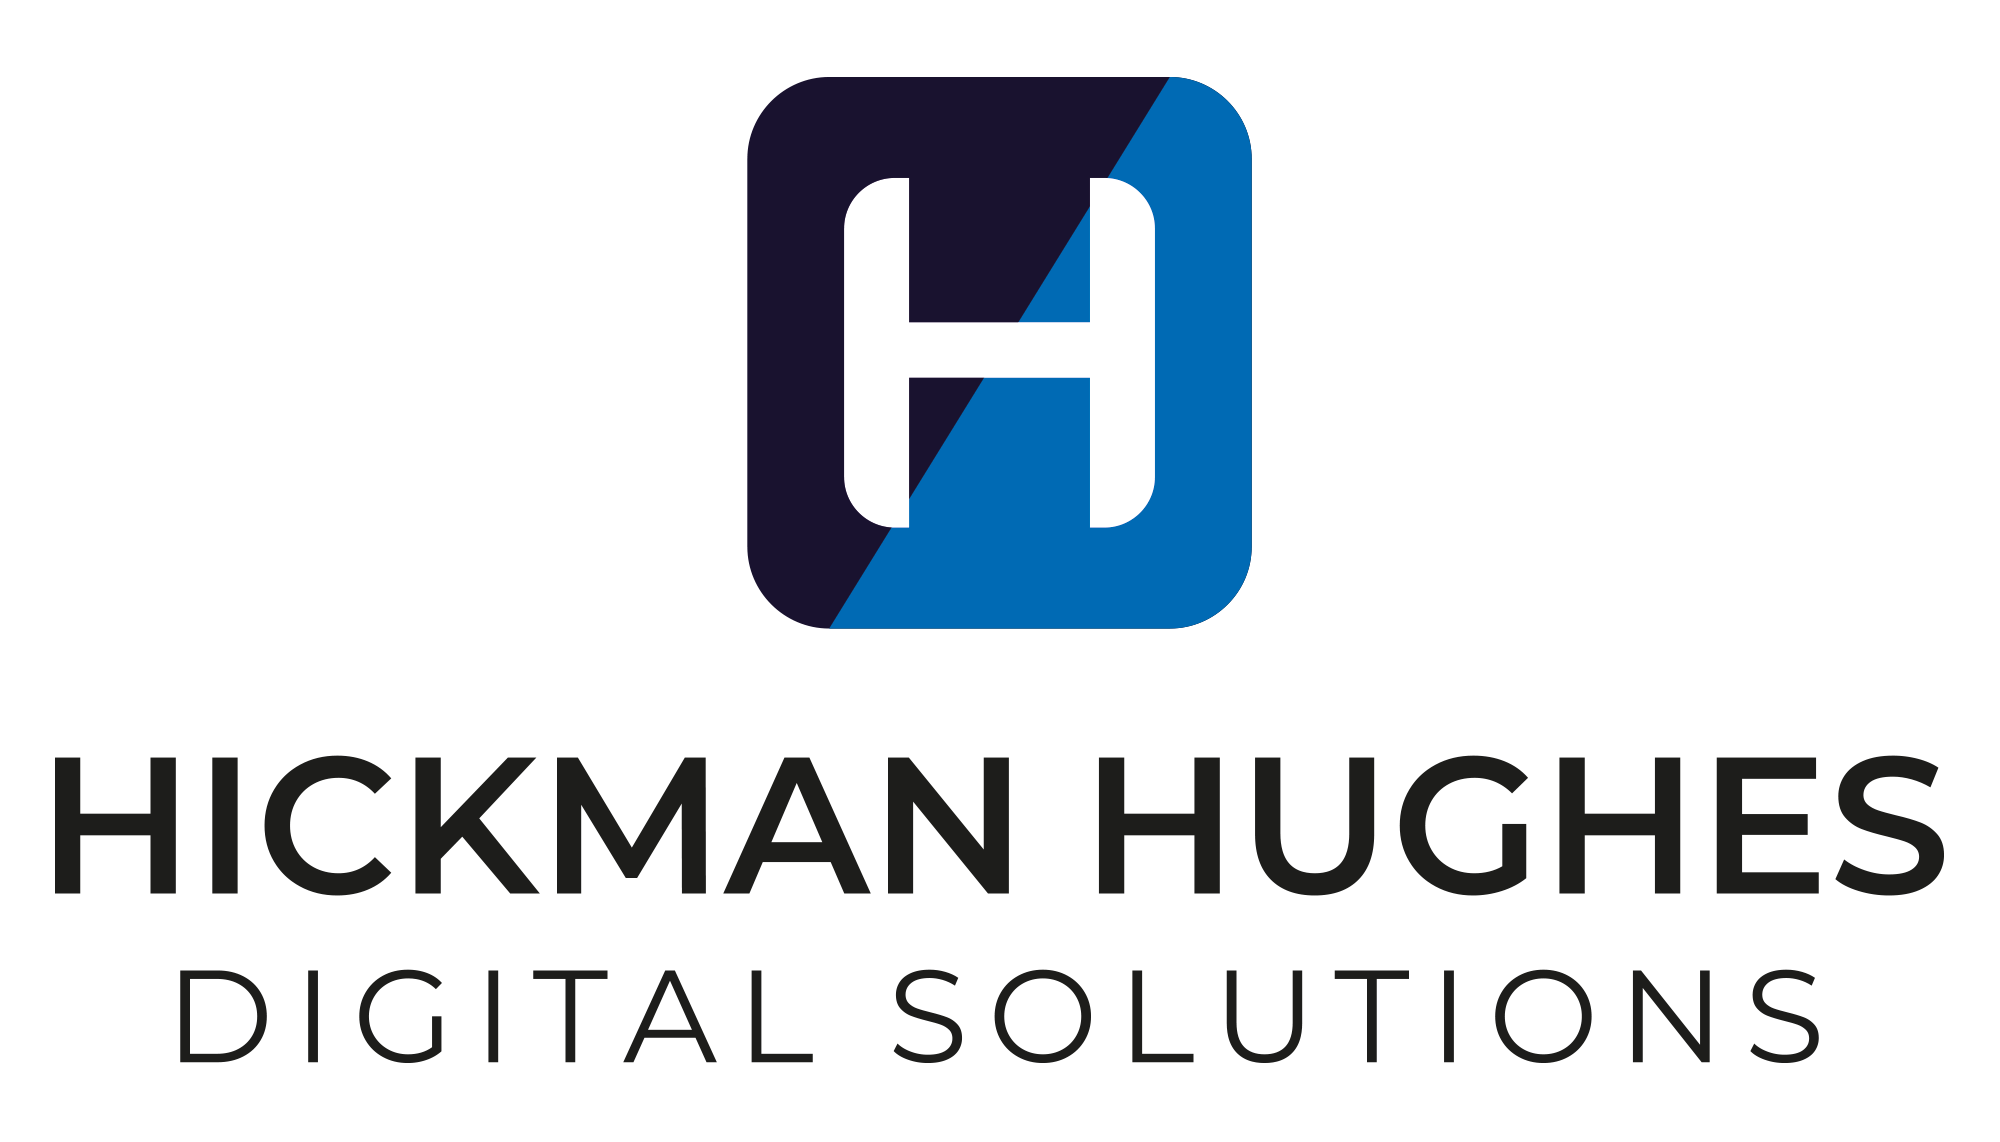 Hickman Hughes